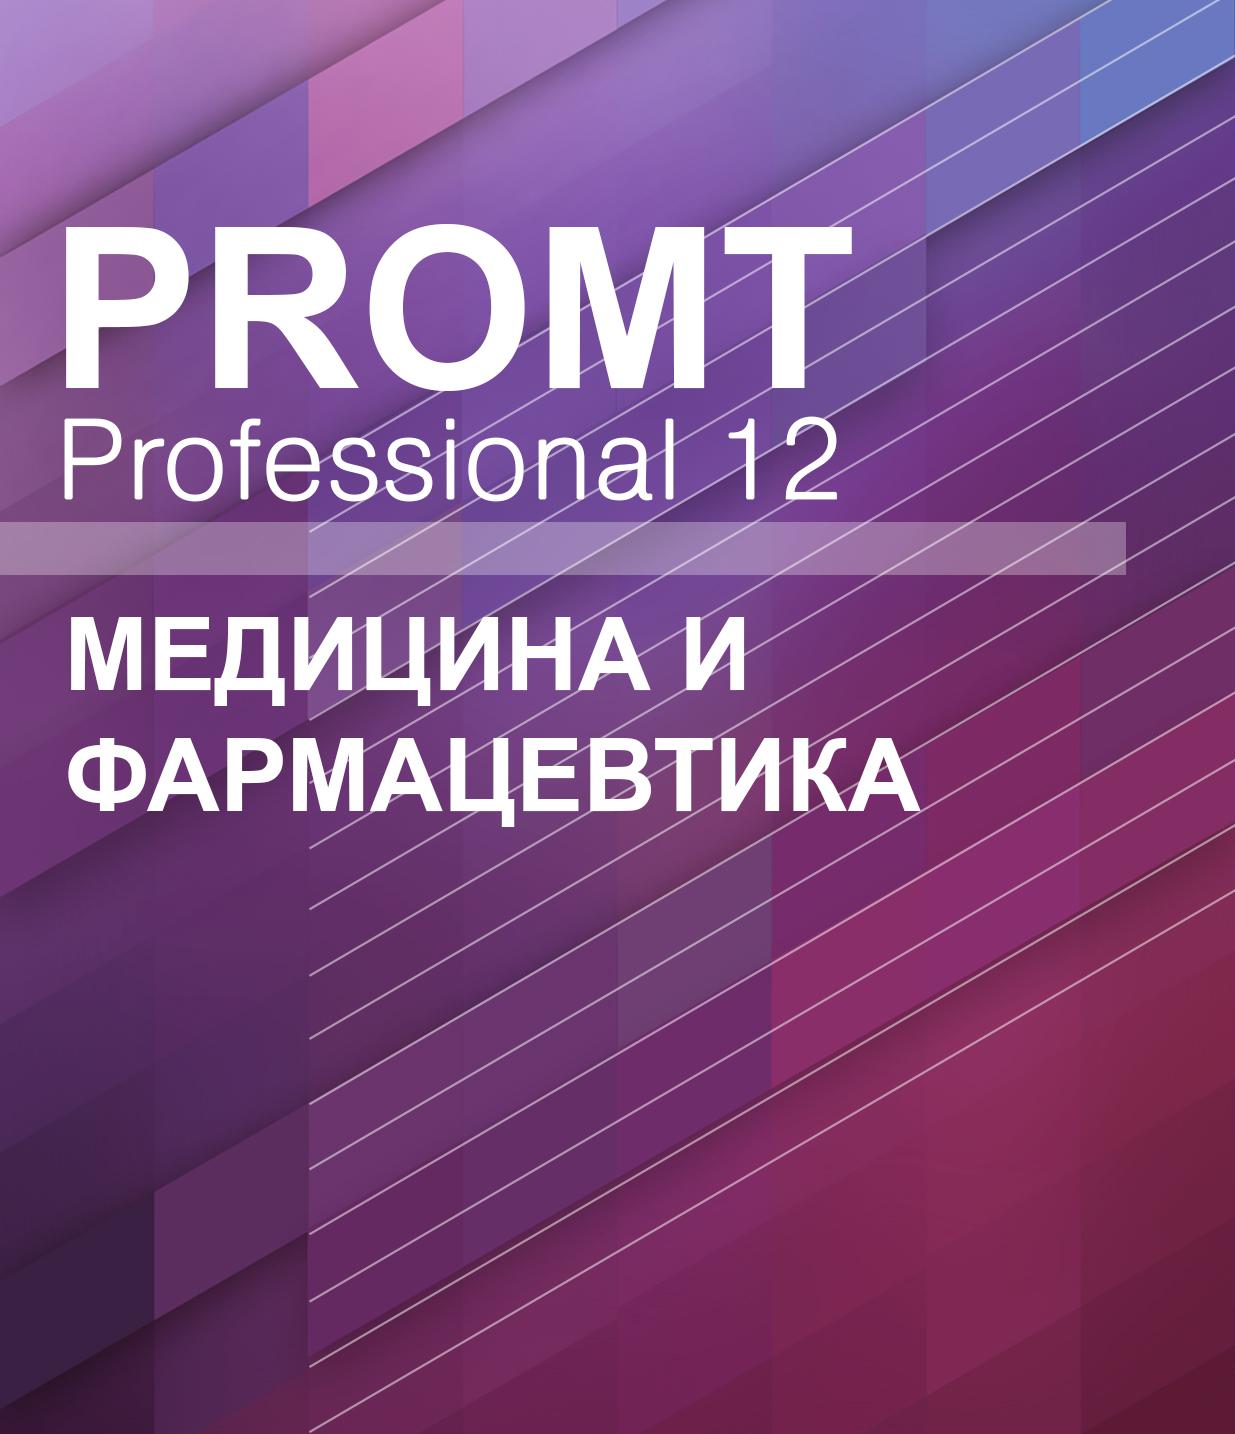 PROMT Professional Медицина и Фармацевтика